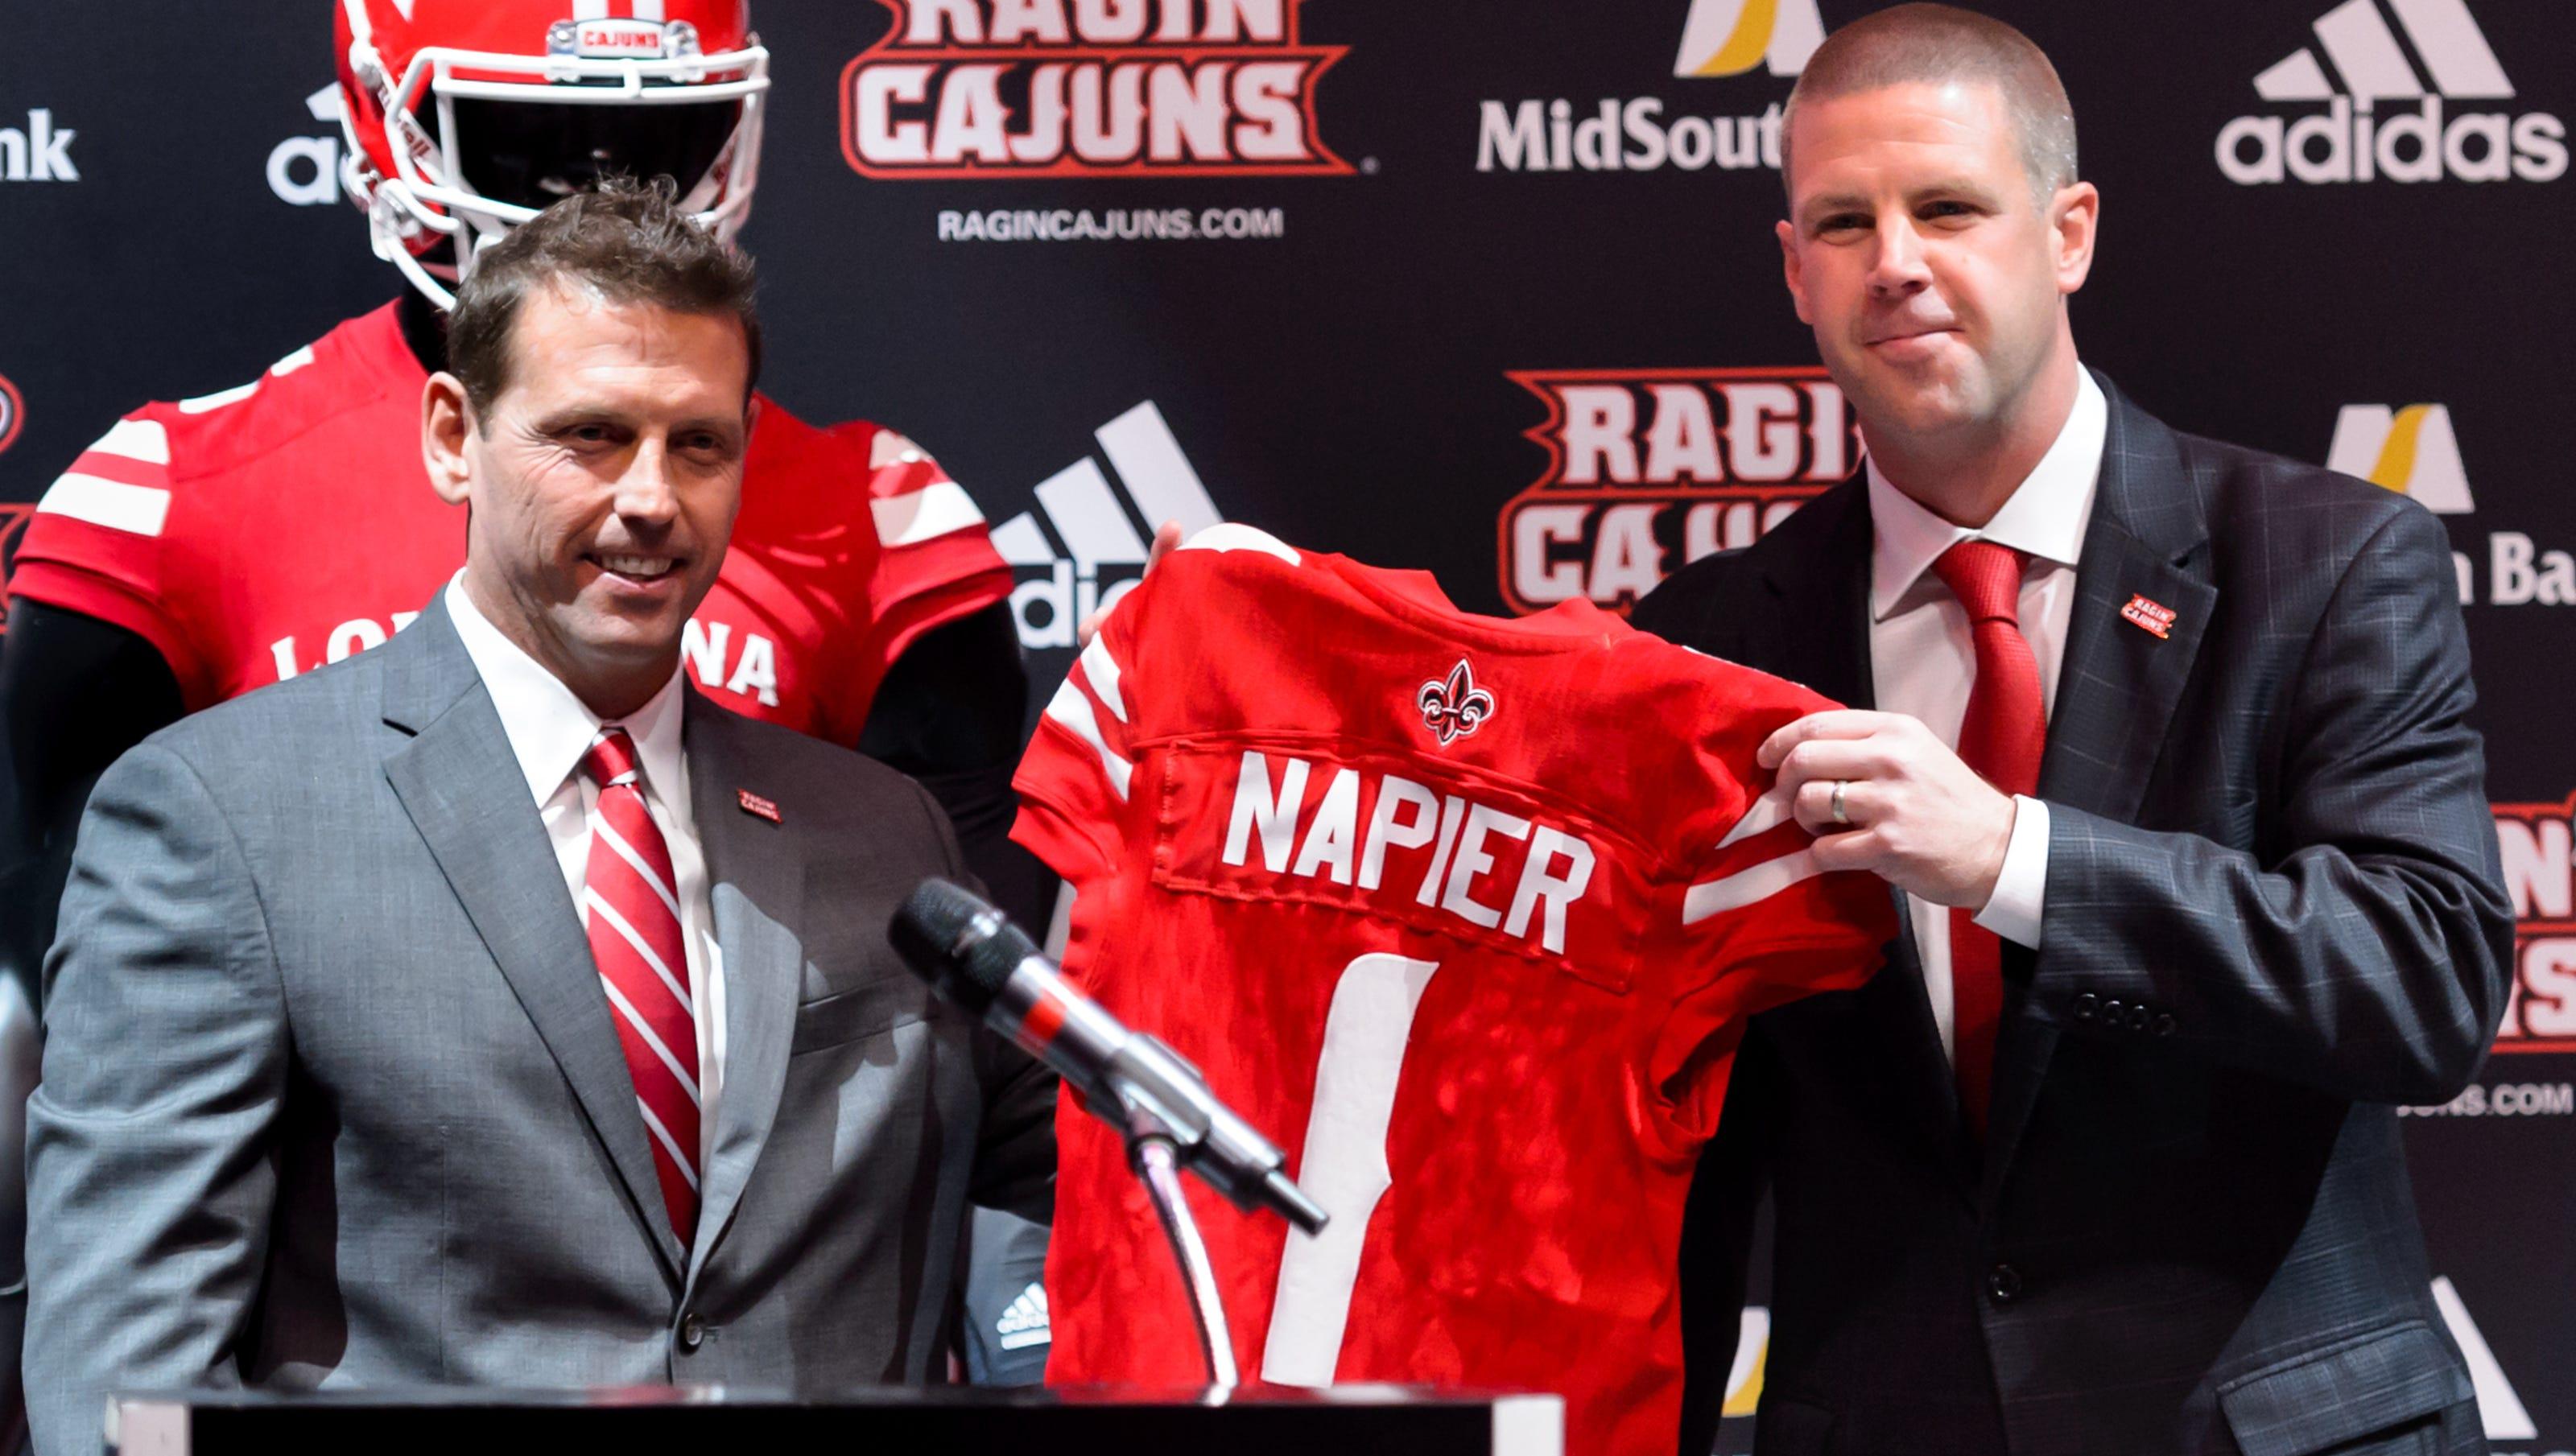 Billy Napier Introduced As New Ul Football Coach